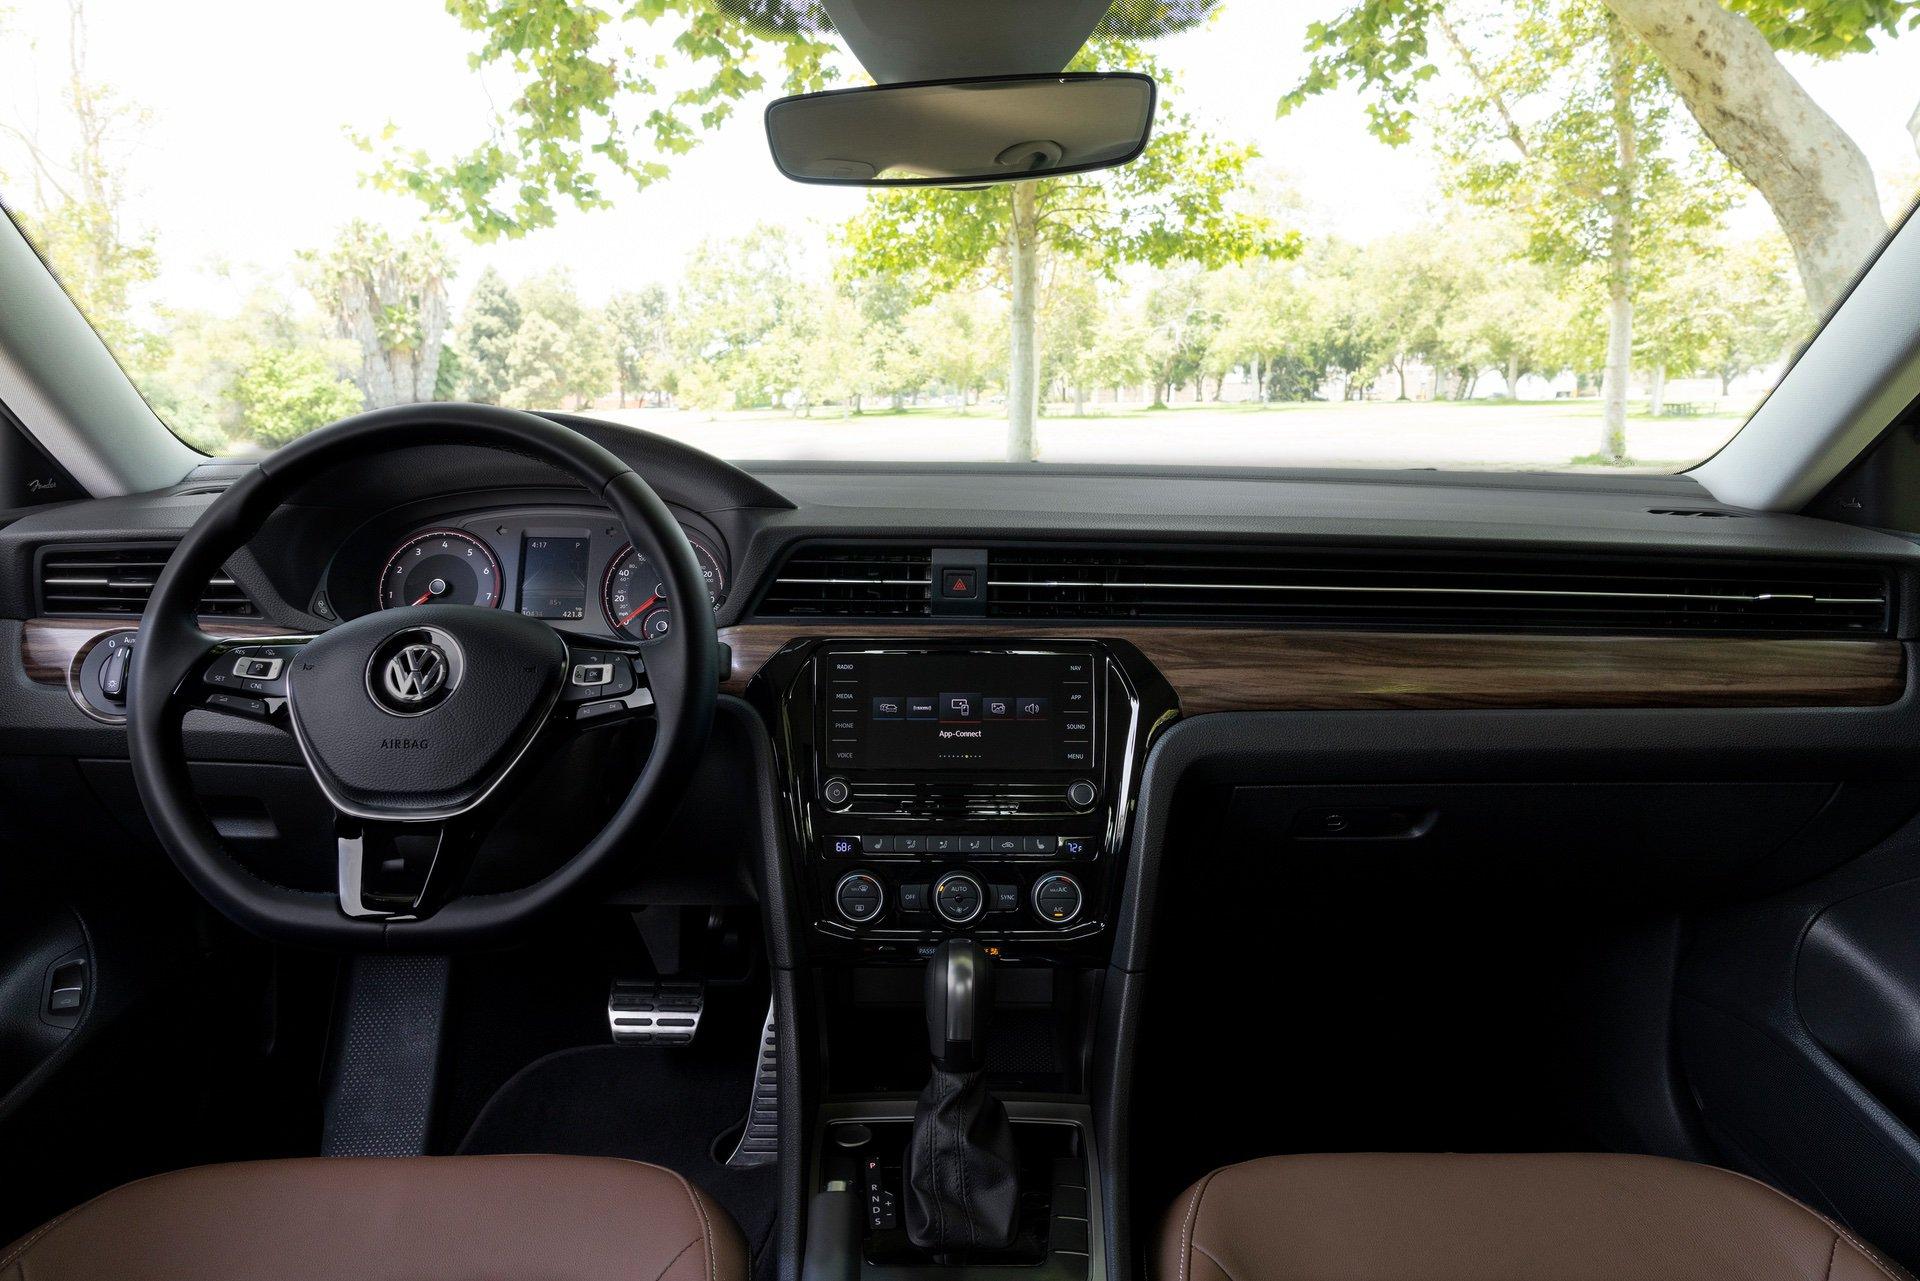 VW_Passat_Limited_Edition_US_spec-0014